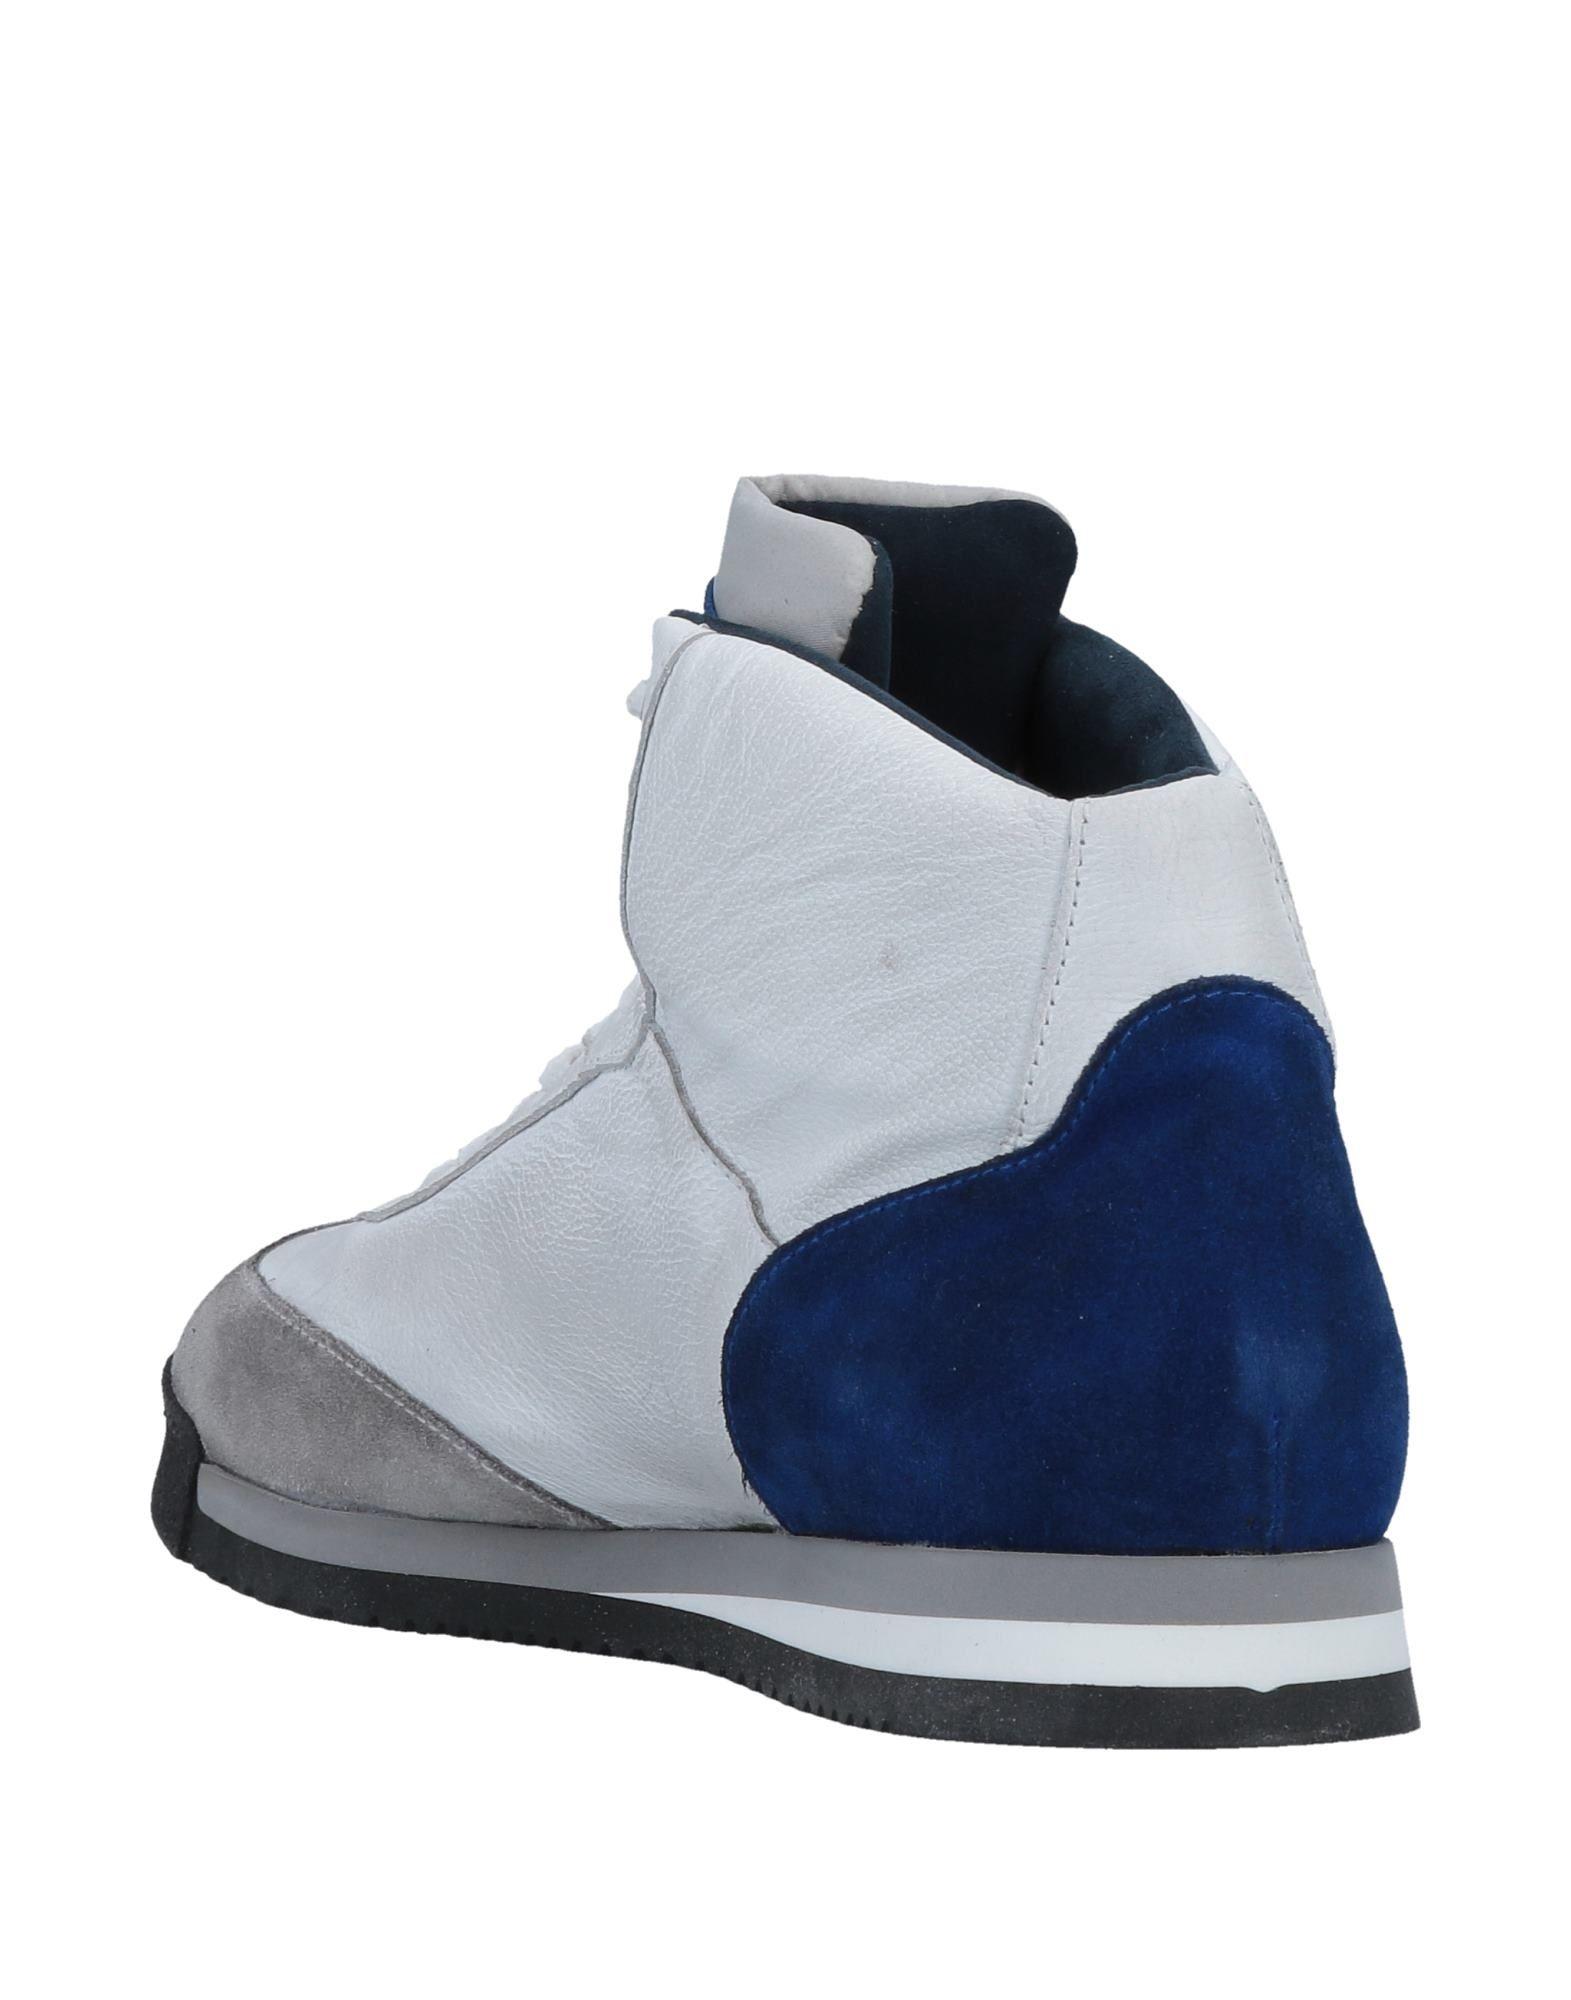 D'Acquasparta Sneakers Herren Herren Sneakers  11510697KT 3c7674